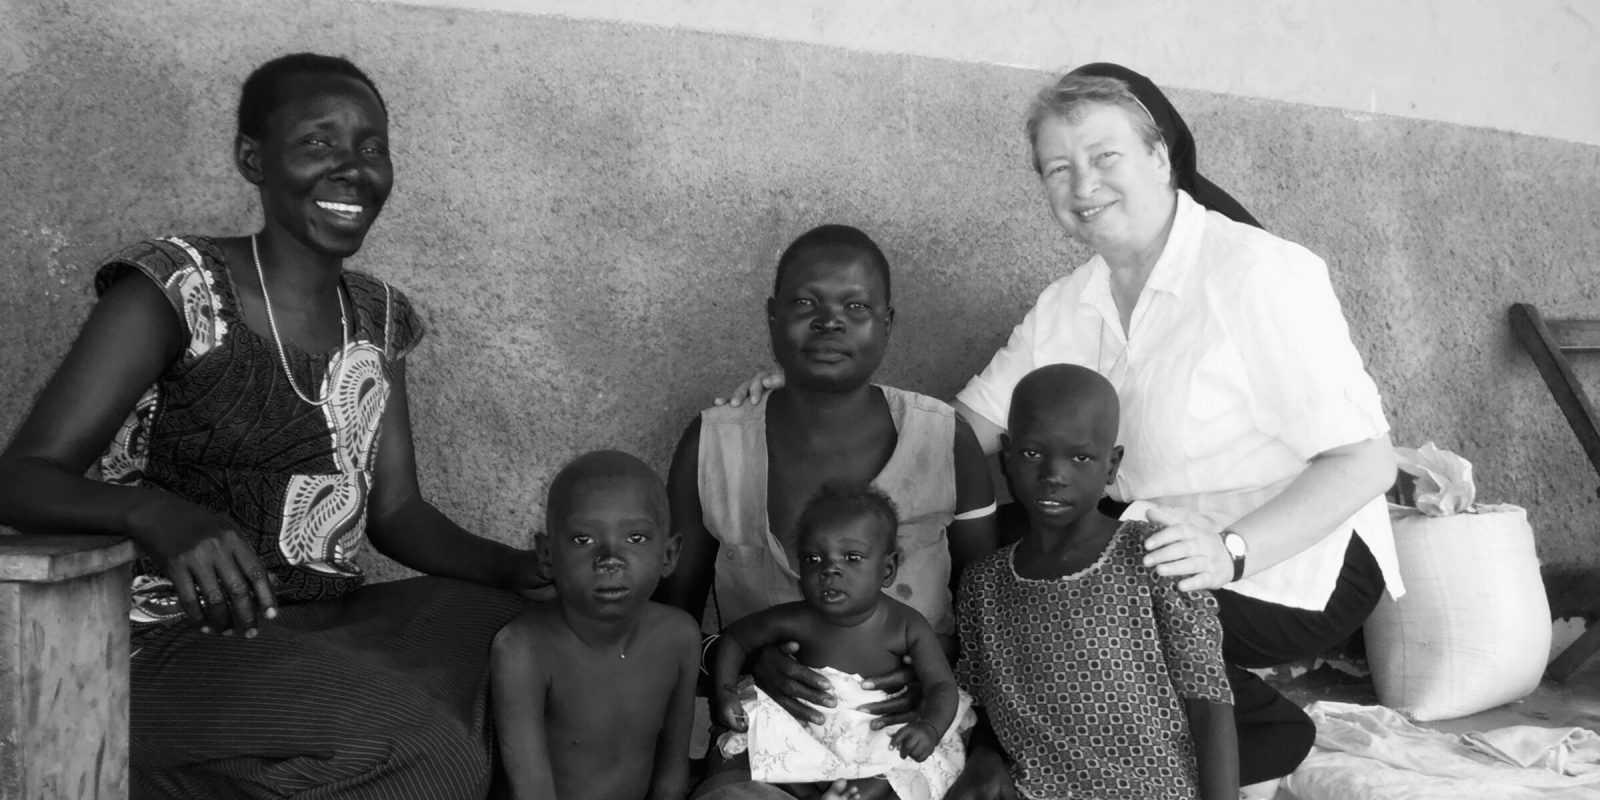 Годовщина смерти с. Вероники Терезии SSpS, убитой в Южном Судане 1